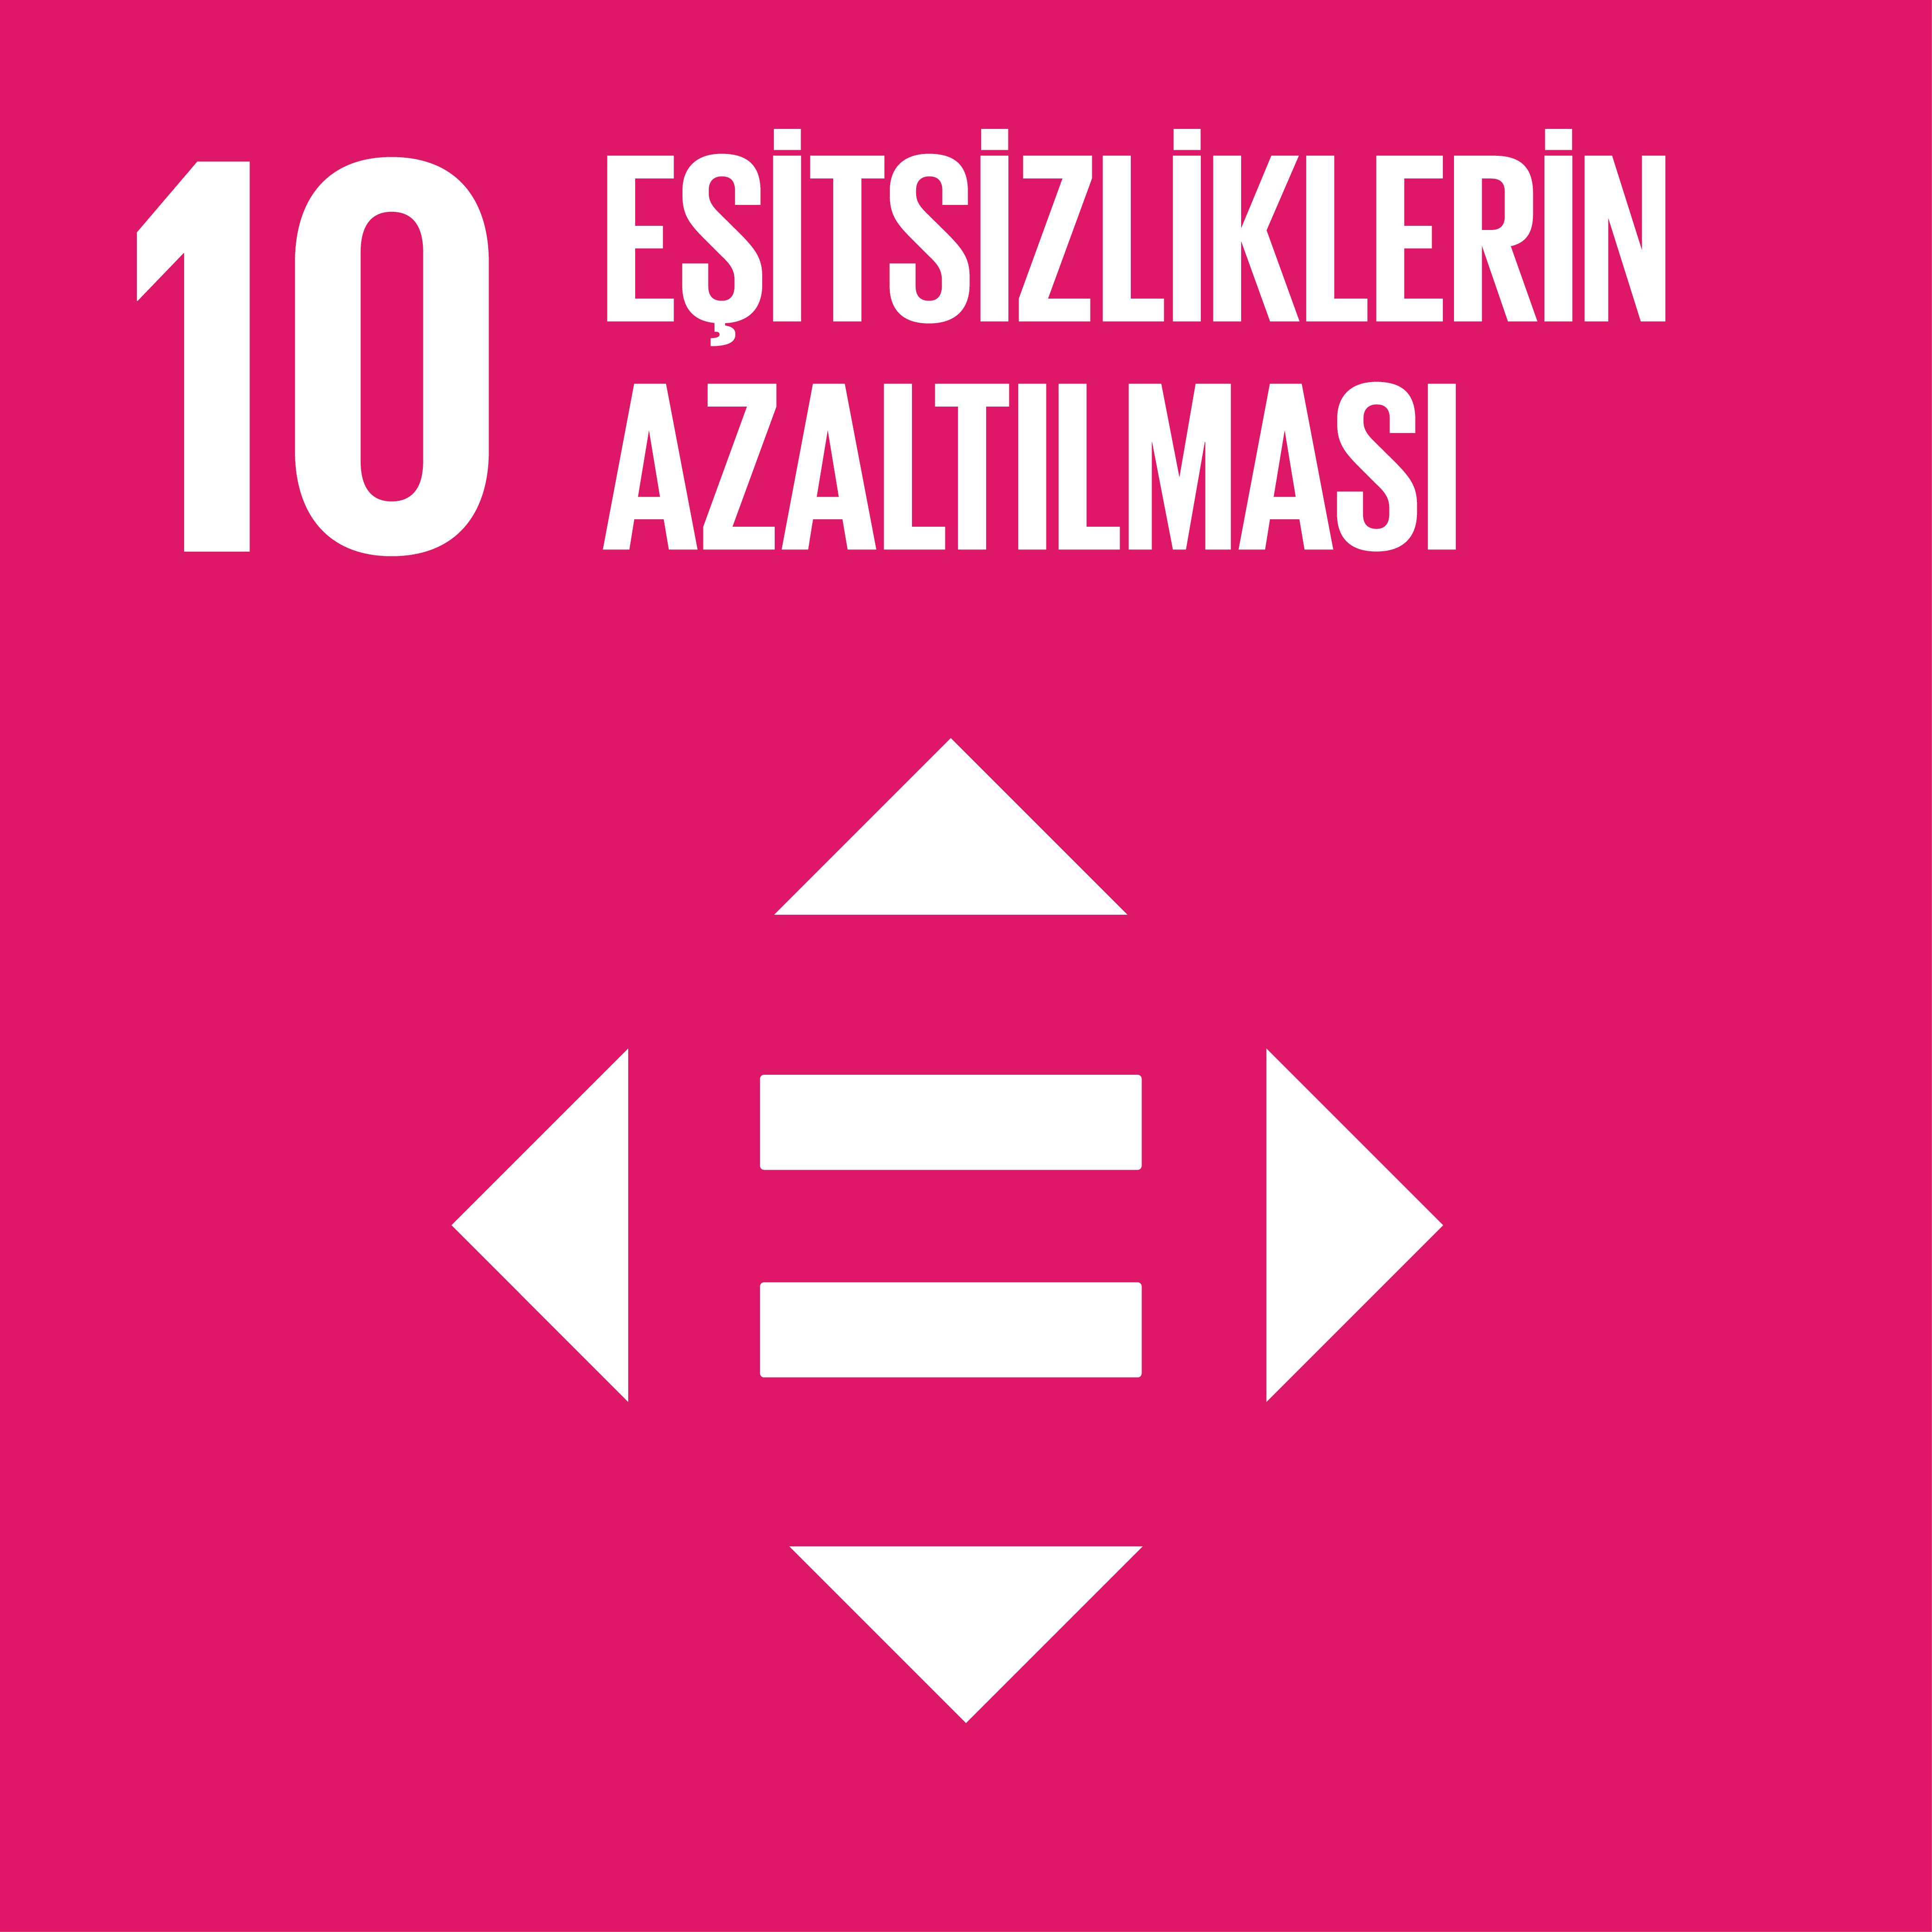 SDG 10 Sürdürülebilir Kalkınma Amacı 10 - Eşitsizliklerin Azaltılması